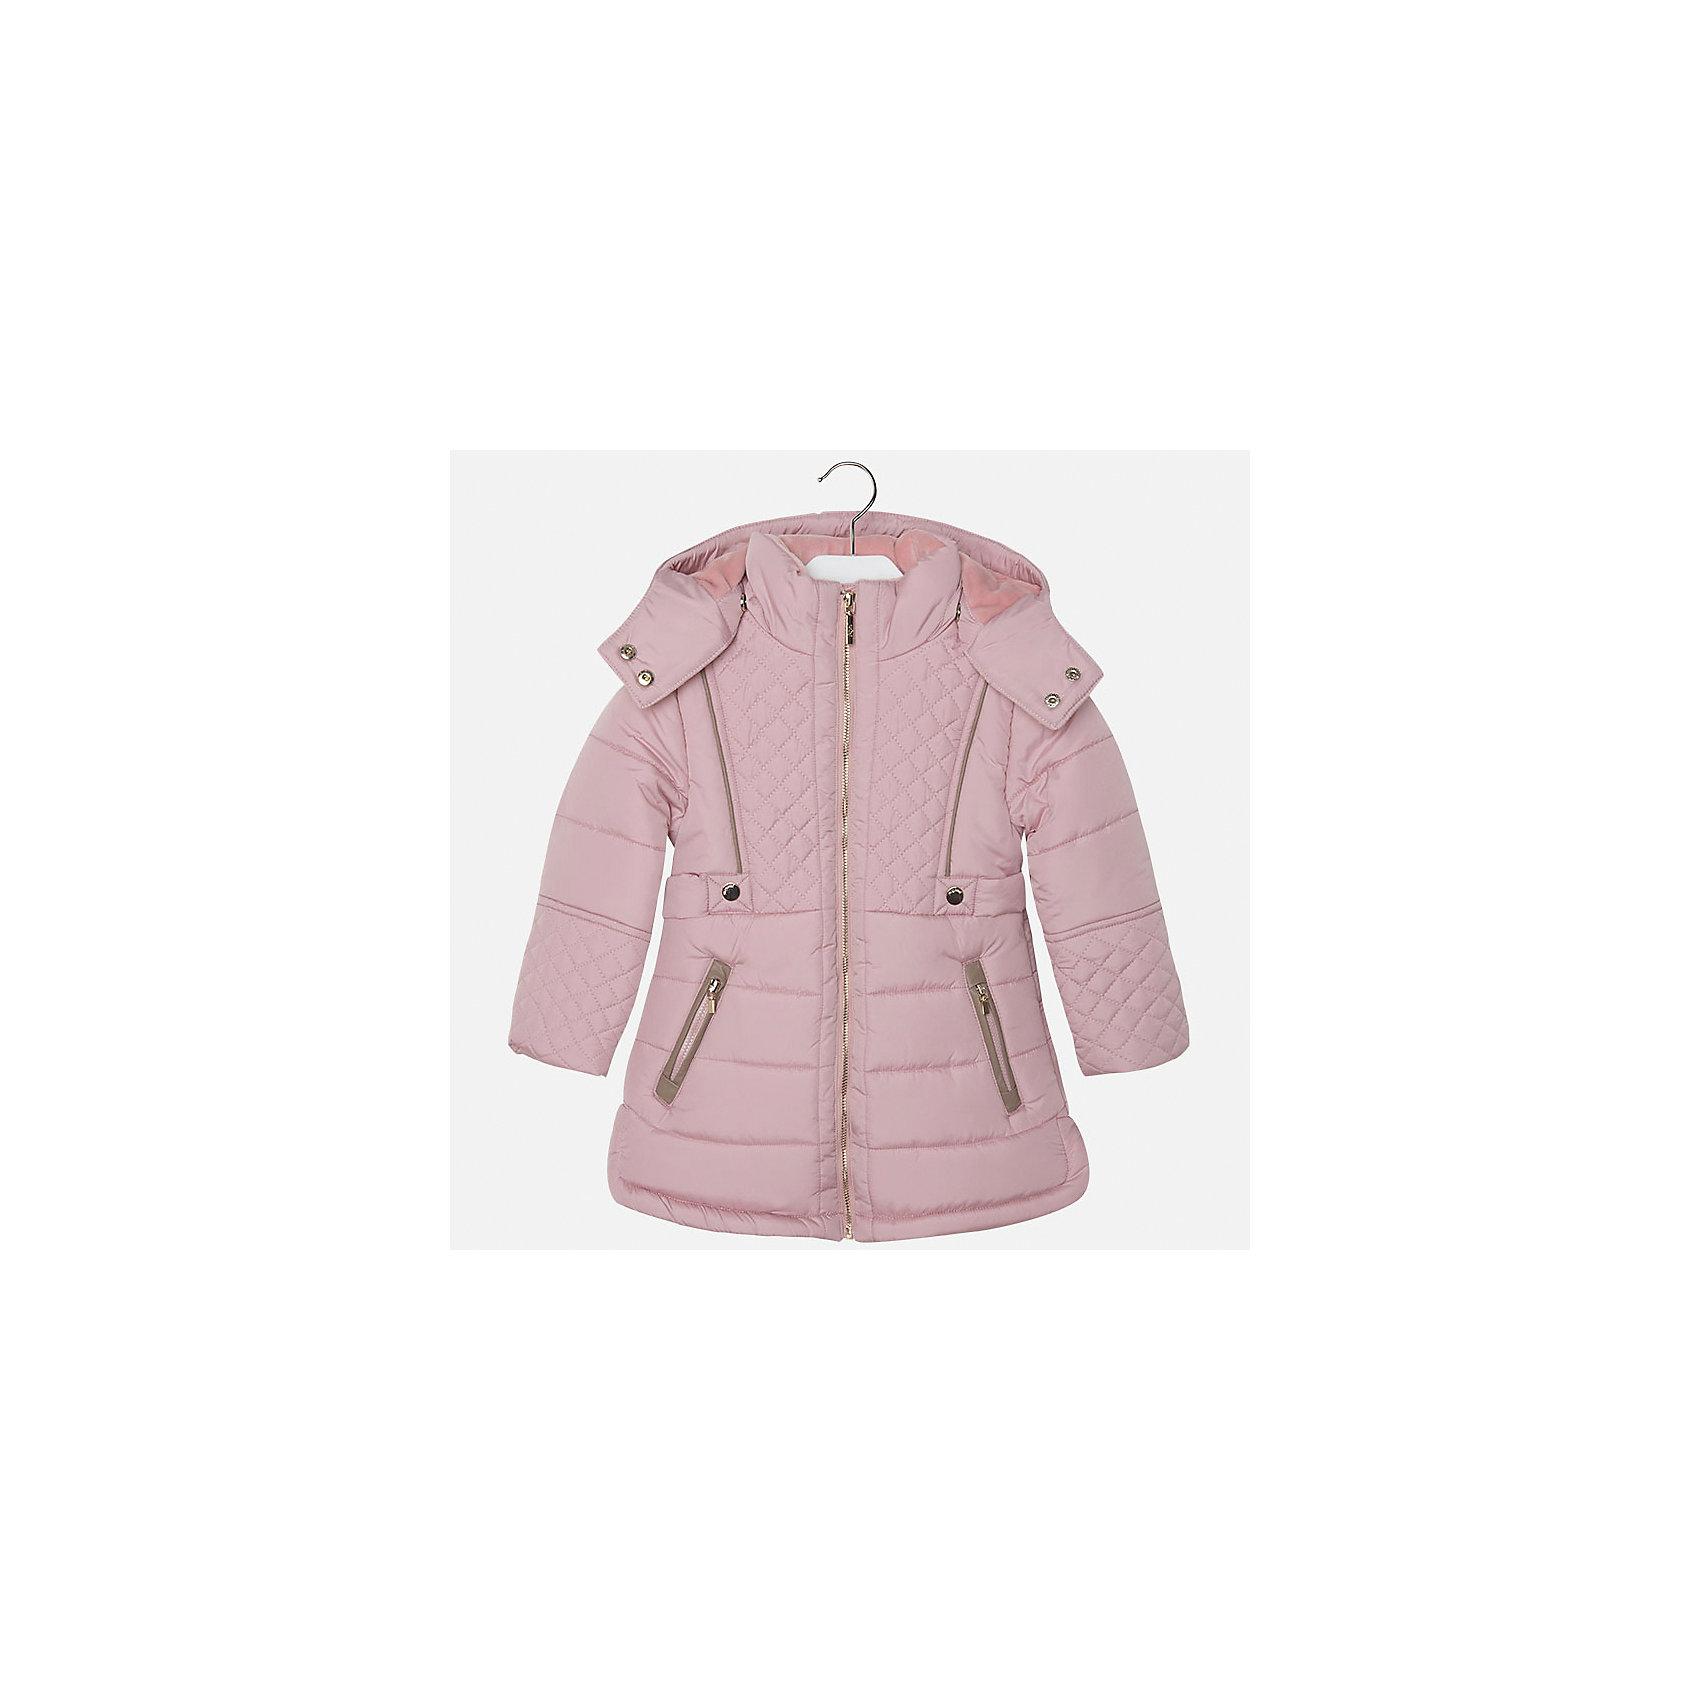 Куртка для девочки MayoralТеплая куртка для девочки от марки Mayoral(Майорал). Модель с приталенным силуэтом, застегивается на молнию, есть капюшон с кнопками и 2 кармана по бокам. Куртка очень удобная, каждая прогулка в ней пройдет с комфортом!<br><br>Дополнительная информация:<br>Состав: 100% полиэстер<br>Цвет: розовый<br>Куртку Mayoral(Майорал) вы можете приобрести в нашем интернет-магазине.<br><br>Ширина мм: 356<br>Глубина мм: 10<br>Высота мм: 245<br>Вес г: 519<br>Цвет: розовый<br>Возраст от месяцев: 96<br>Возраст до месяцев: 108<br>Пол: Женский<br>Возраст: Детский<br>Размер: 128,110,104,98,116,134,122<br>SKU: 4843858